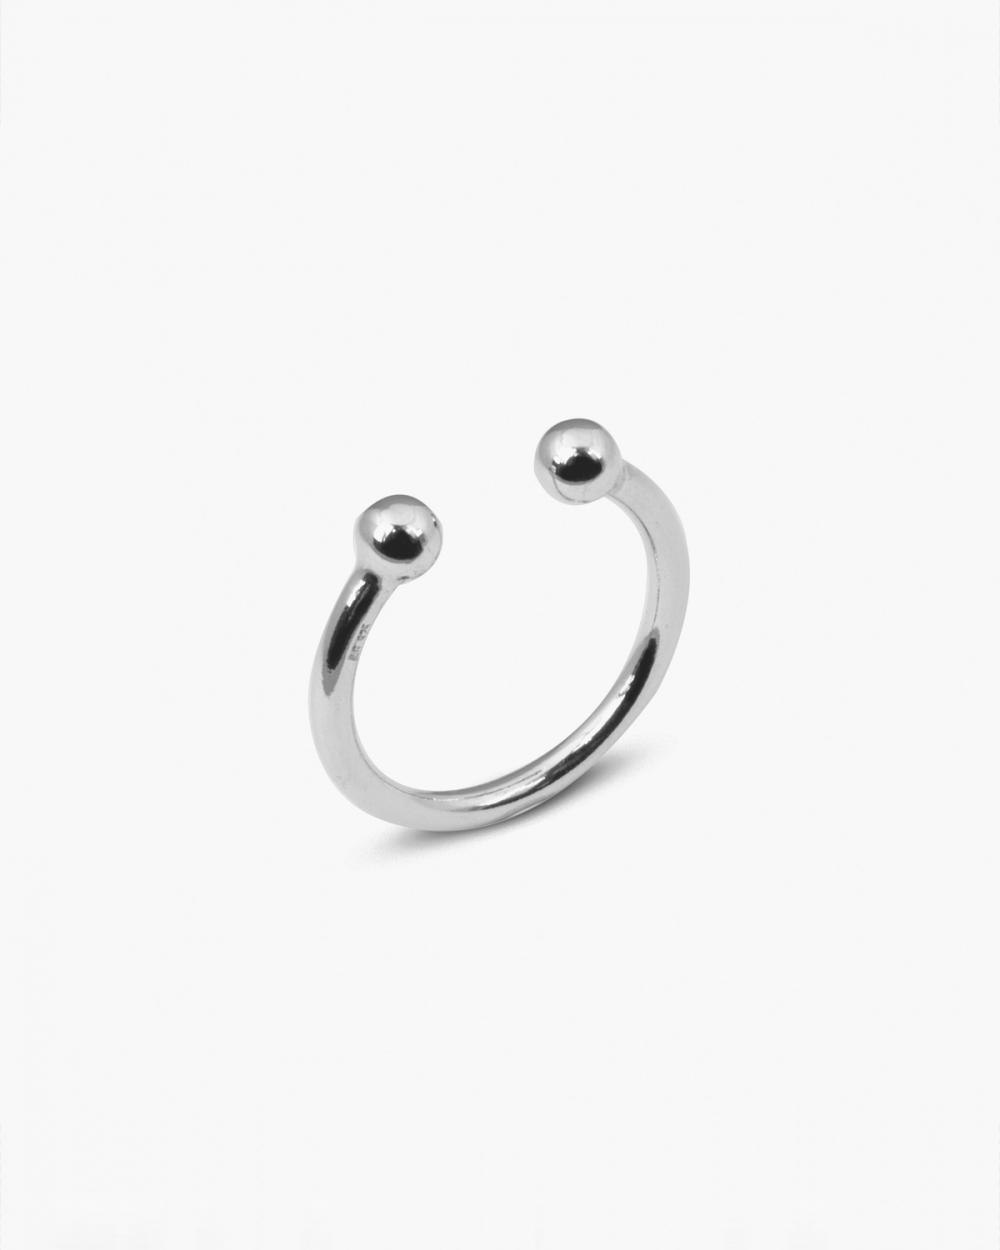 Rings SILVER SPHERES BIG PIERCING RING NOVE25